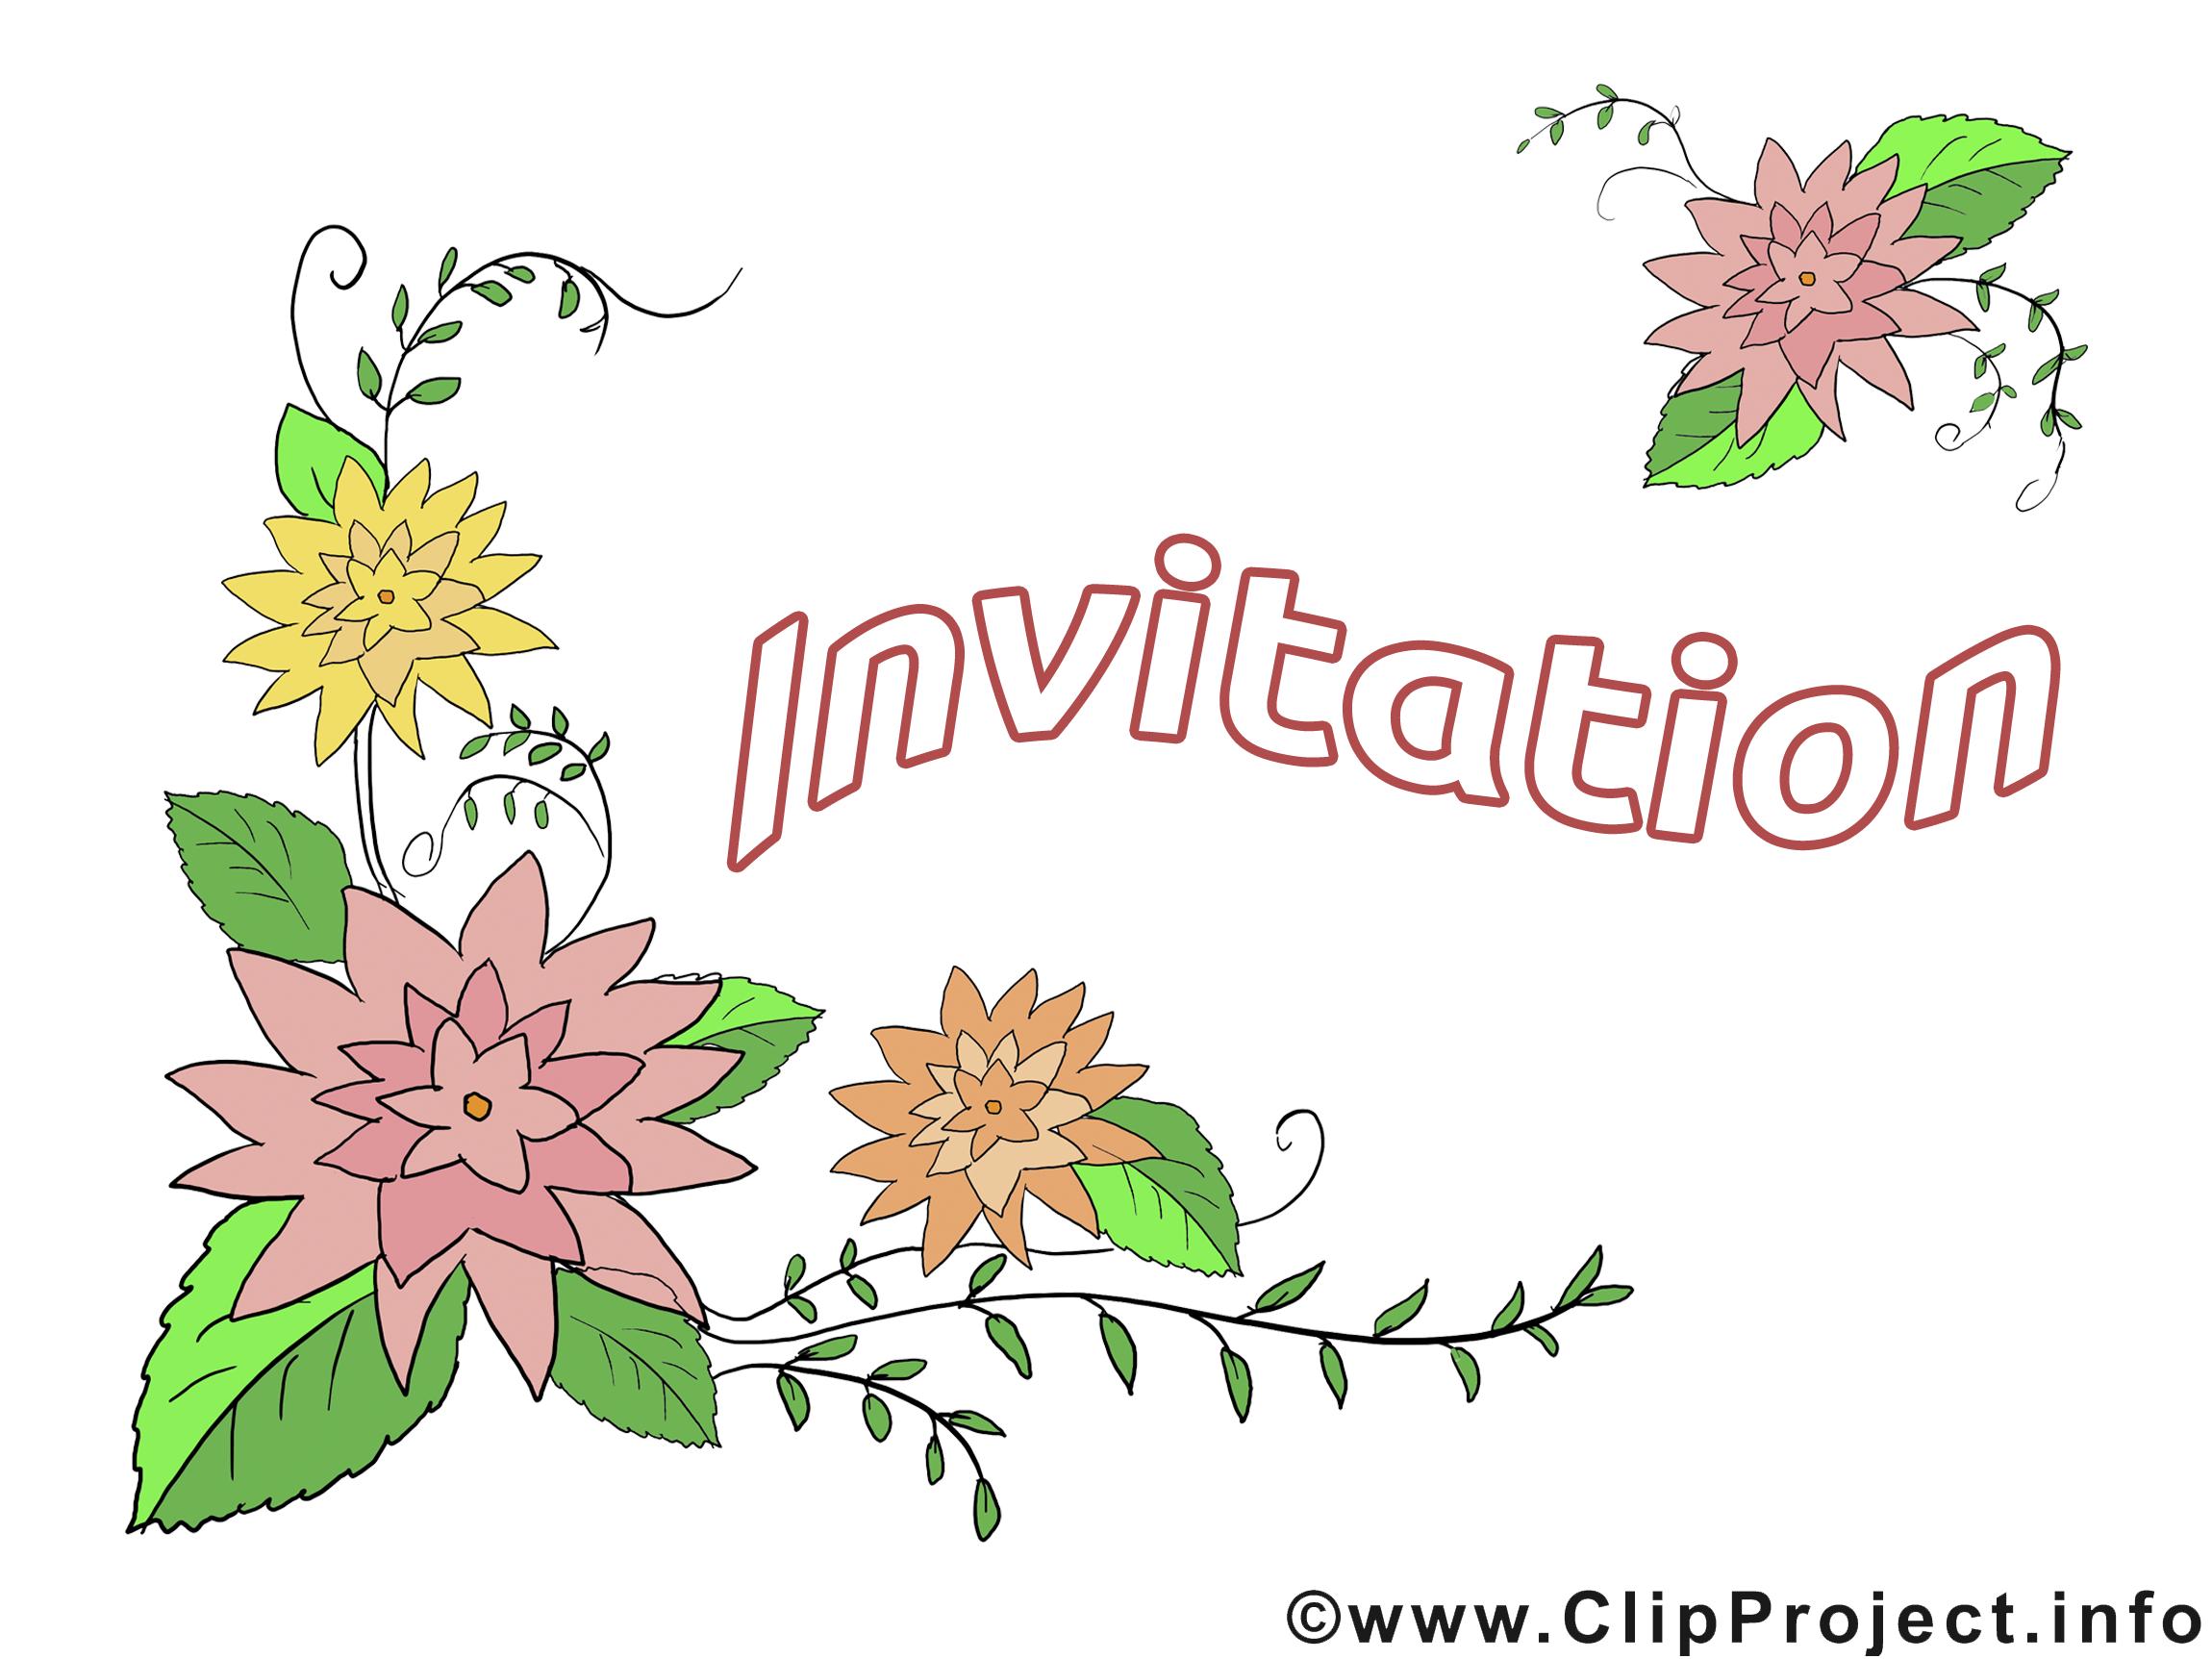 Dessin à télécharger fleurs - Invitation images